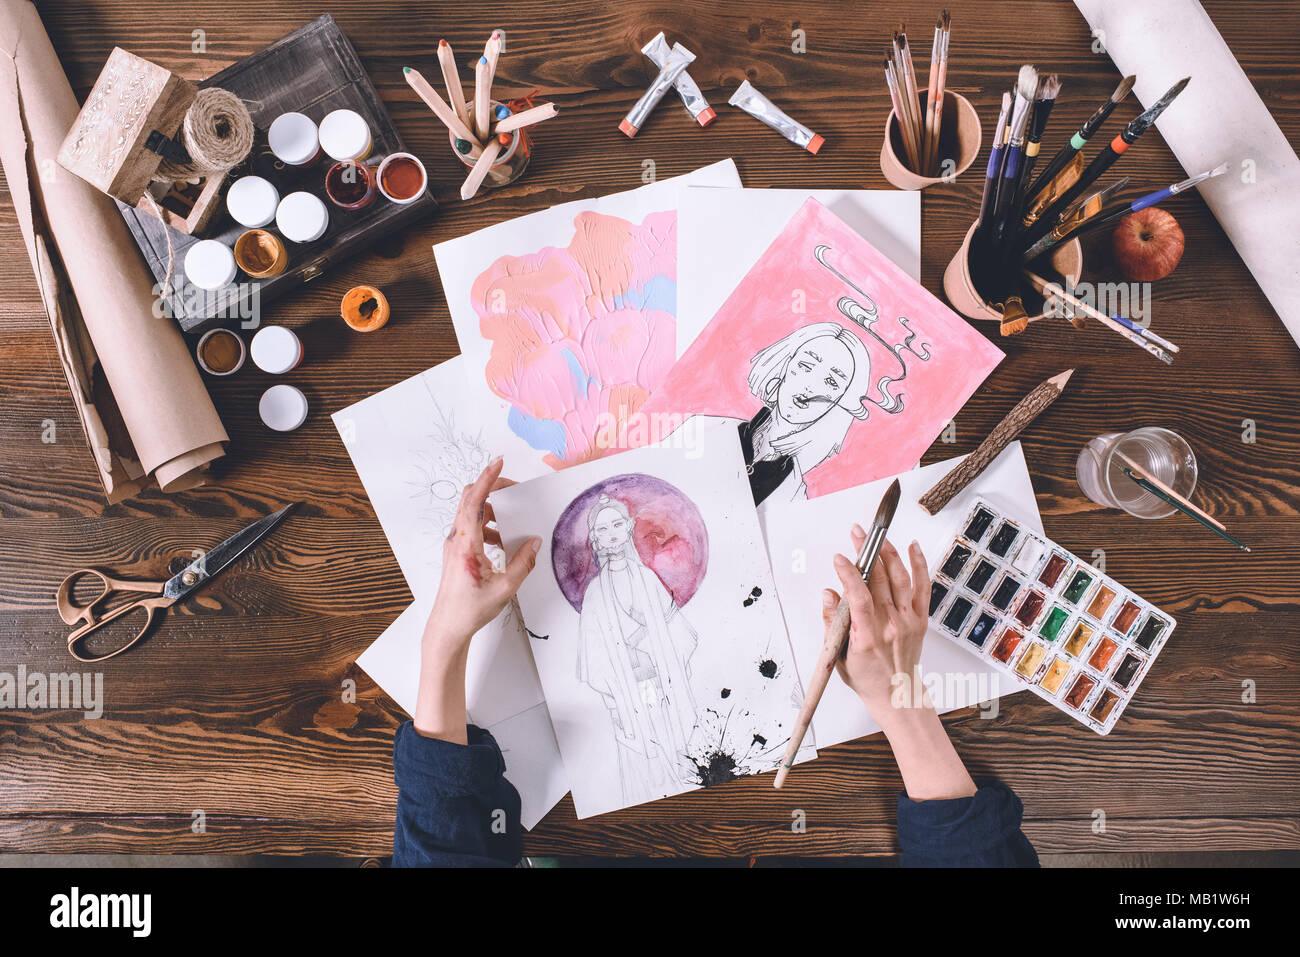 Vista superior del artista pintar con pinturas de acuarelas Imagen De Stock